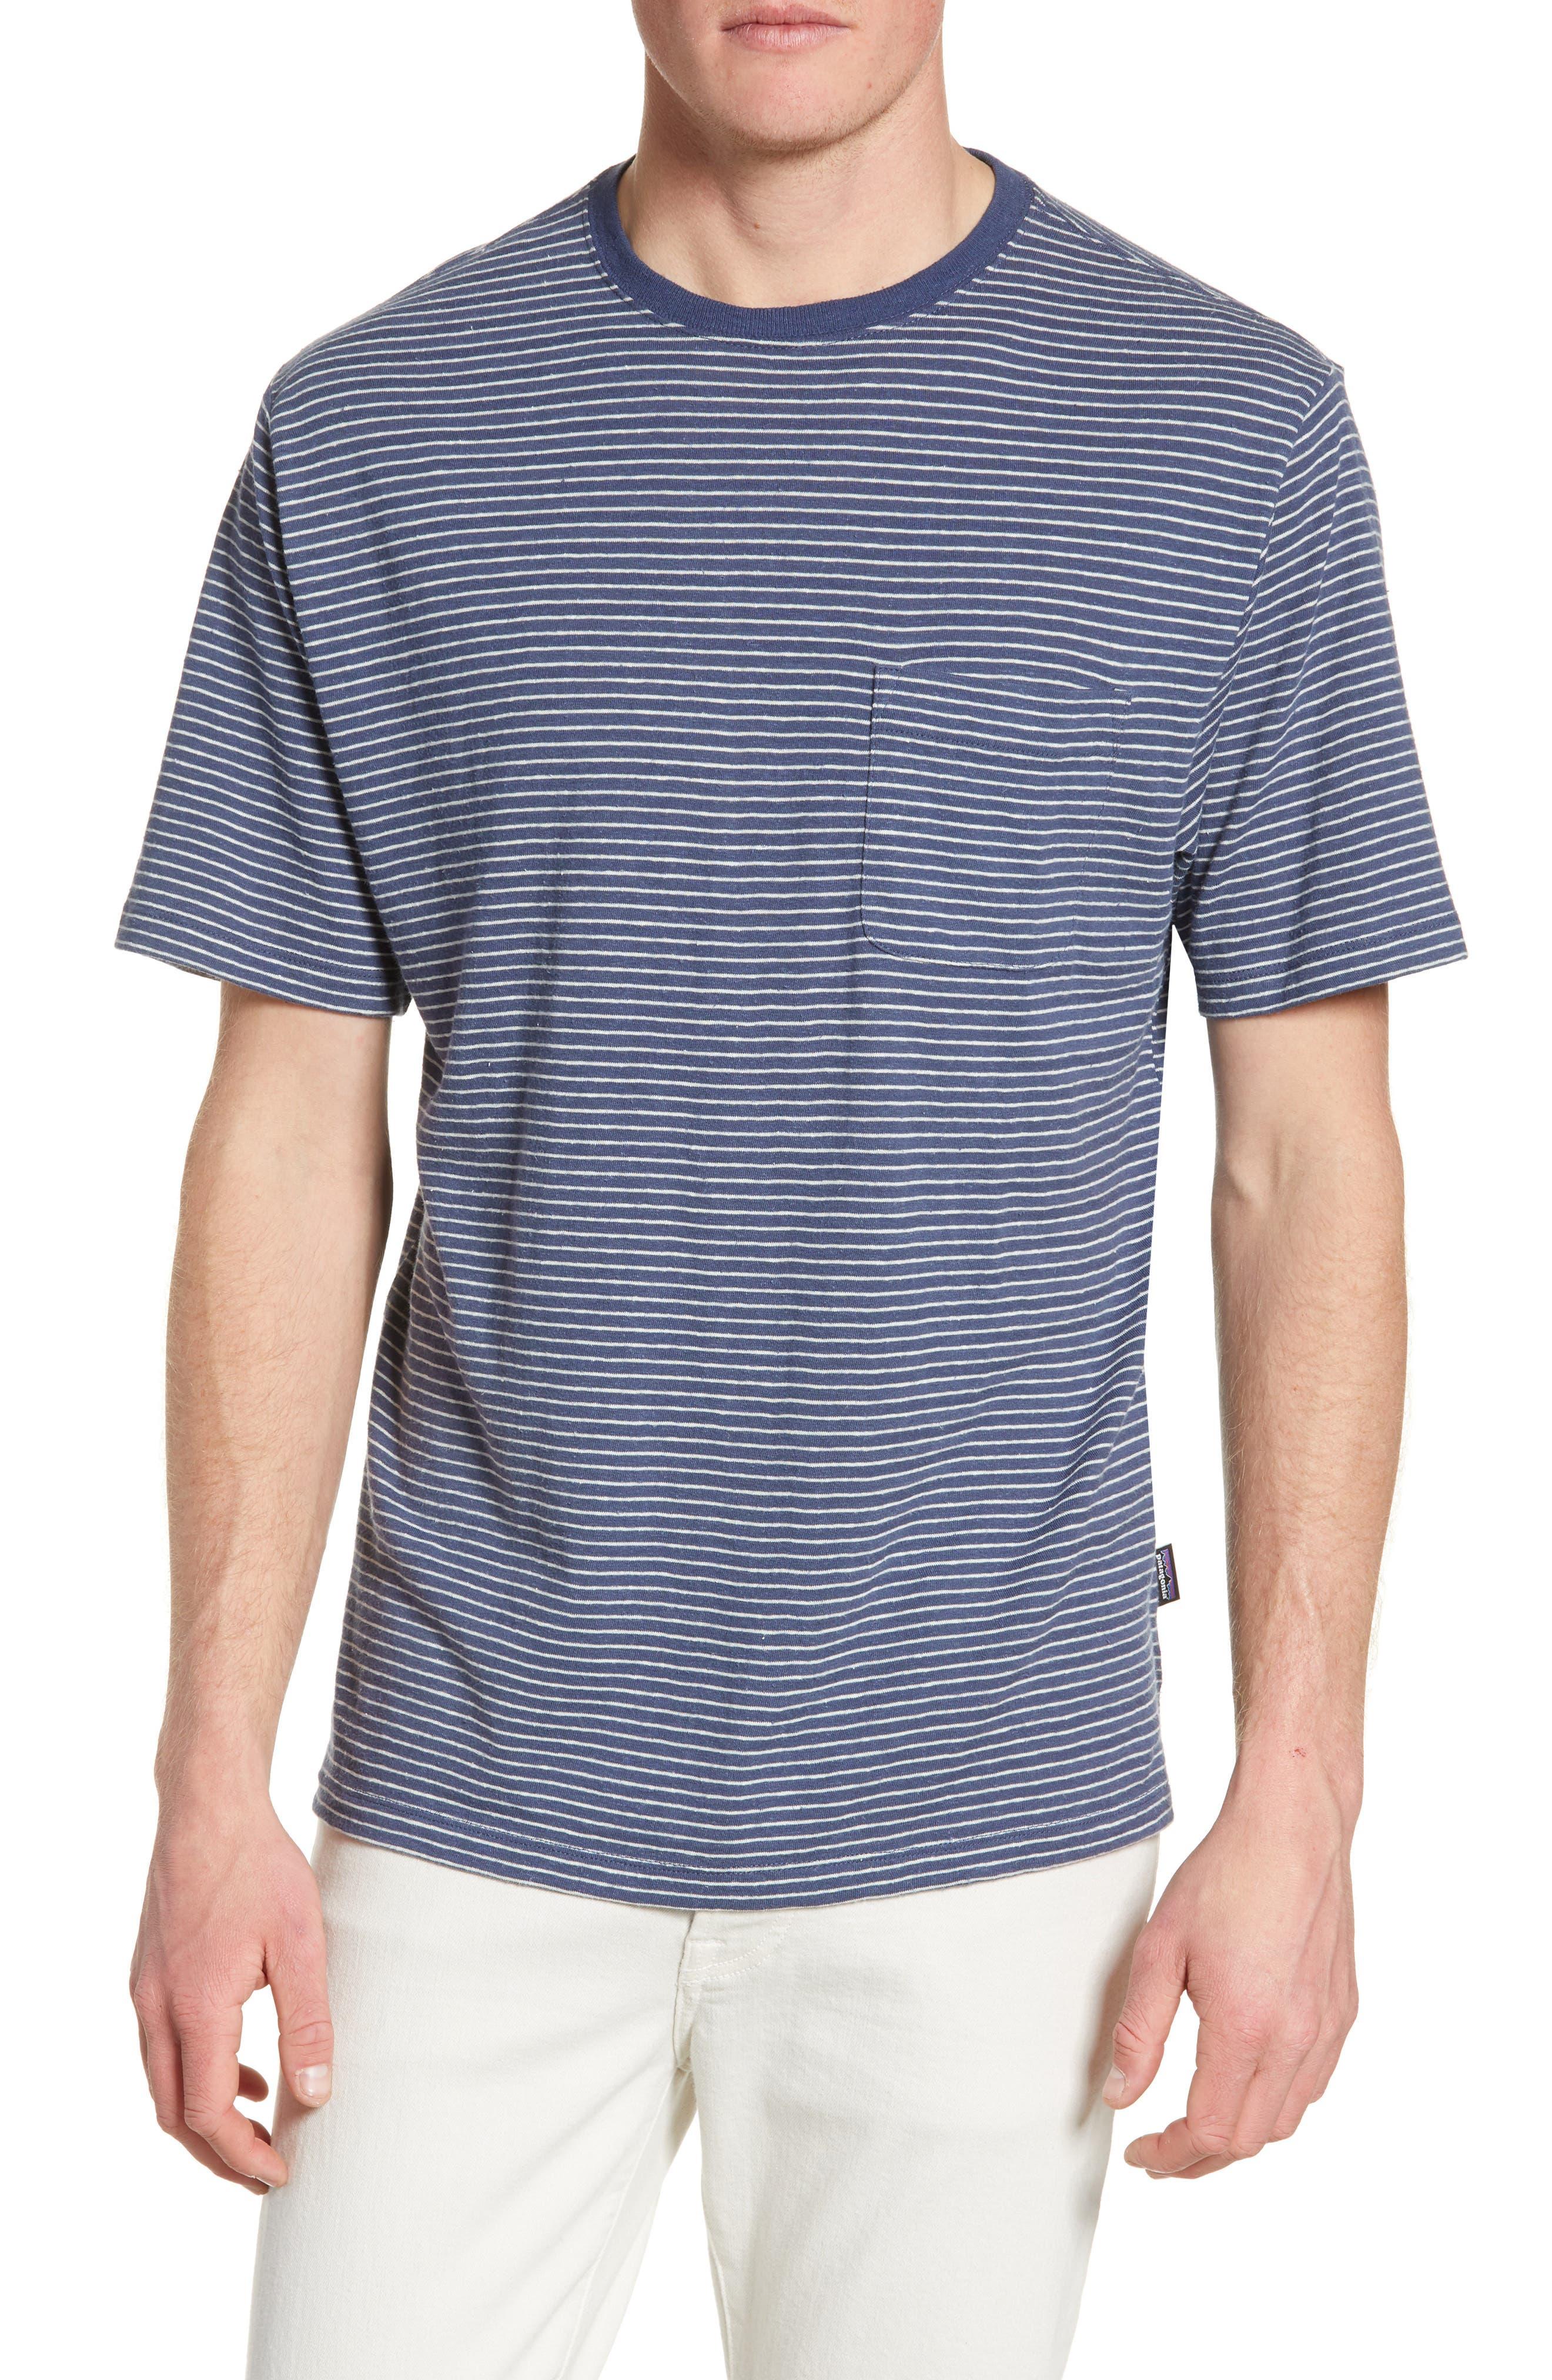 Patagonia Trail Harbor Stripe Pocket T-Shirt, Blue